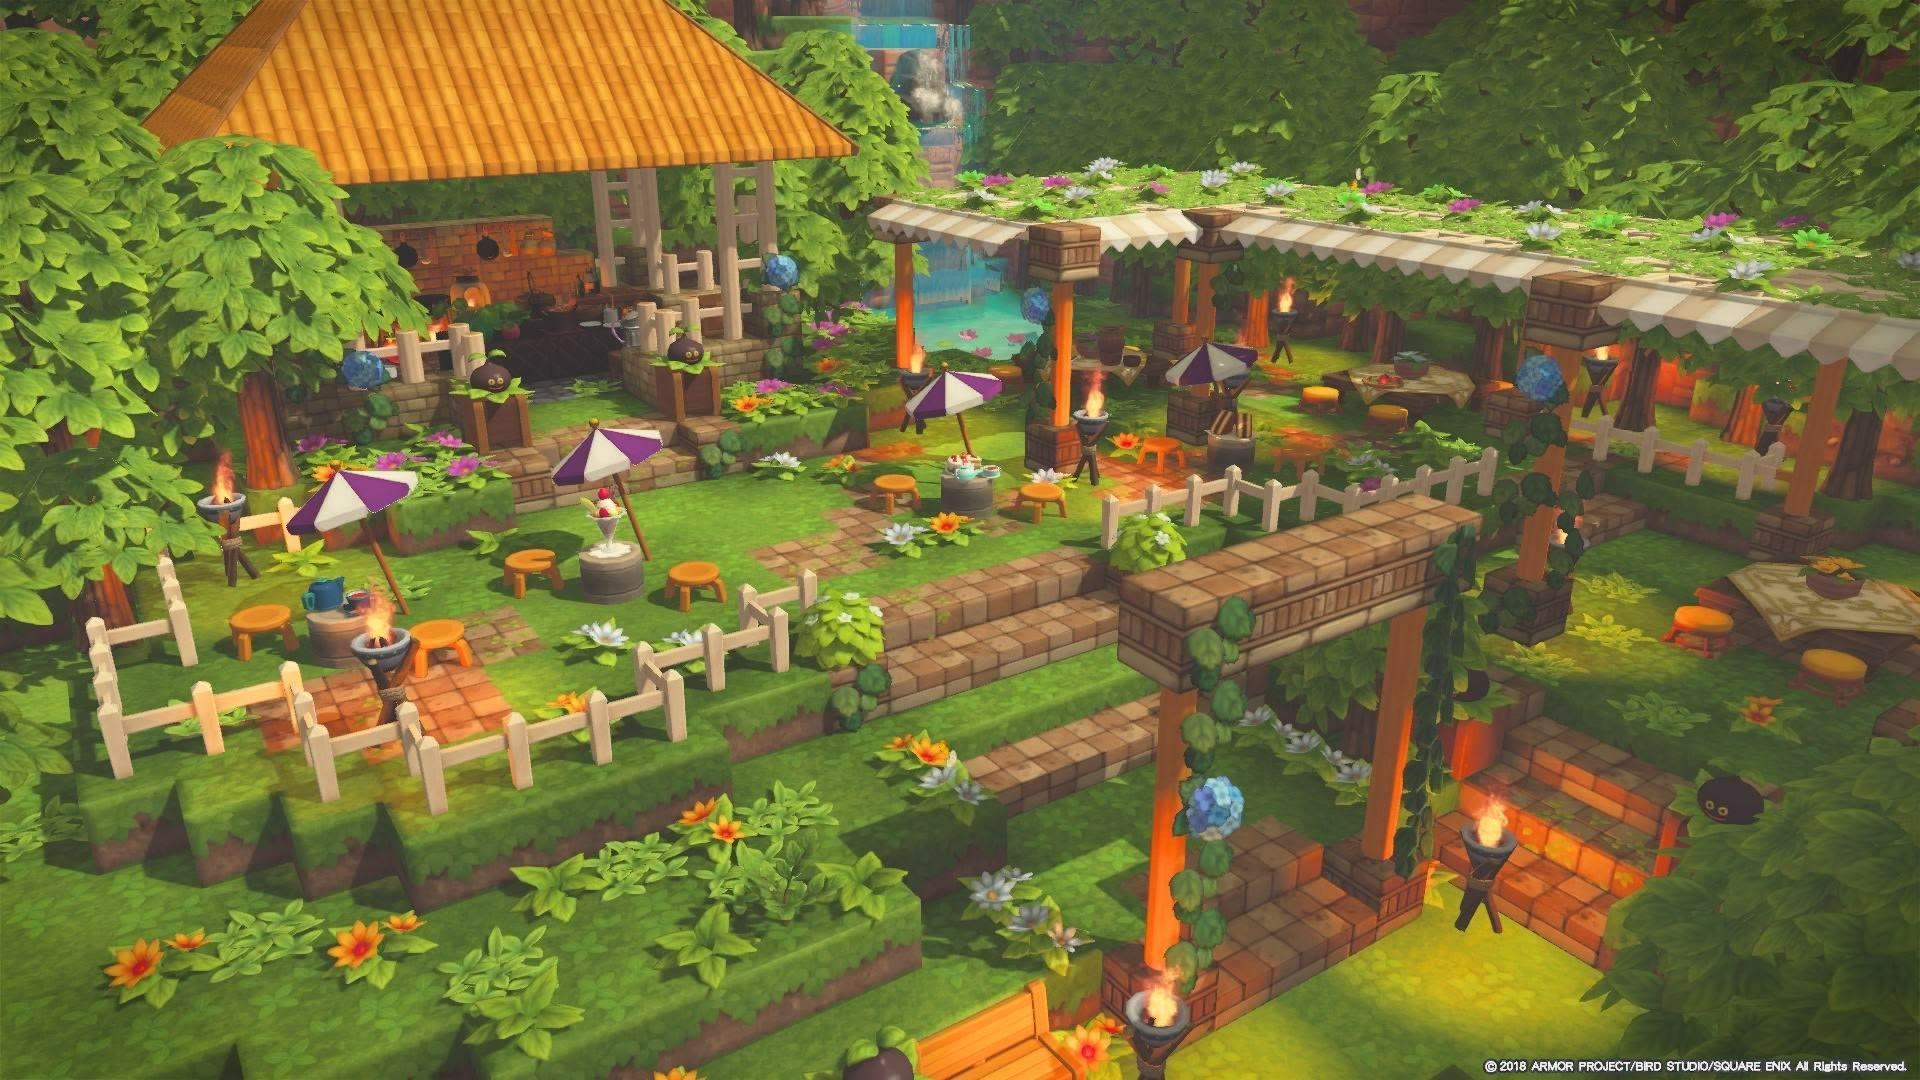 ビルダーズギャラリー ドラゴンクエストビルダーズ2 Square Enix マインクラフトの建物 マインクラフトの家 マインクラフトの家具